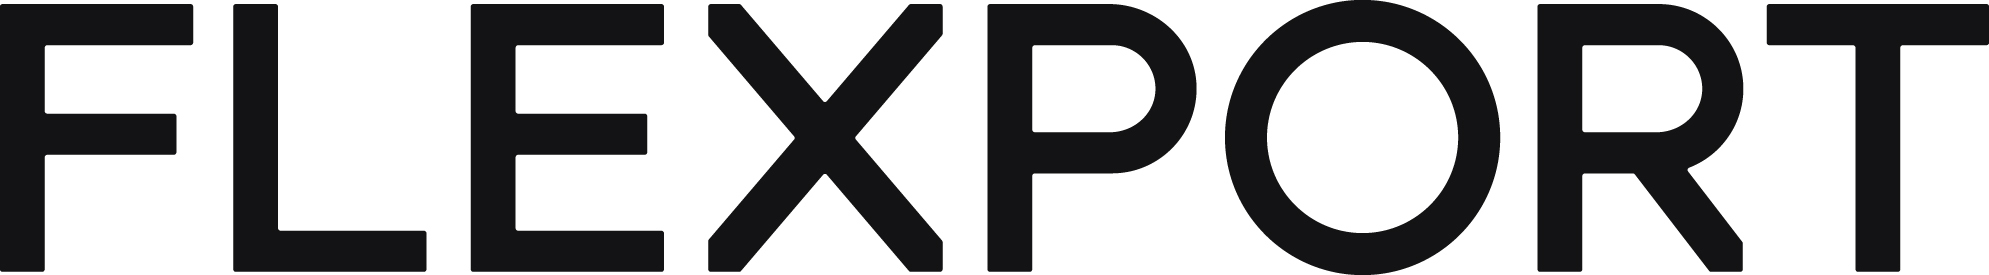 Flexport Expands Executive Team, Adding A Chief Financial